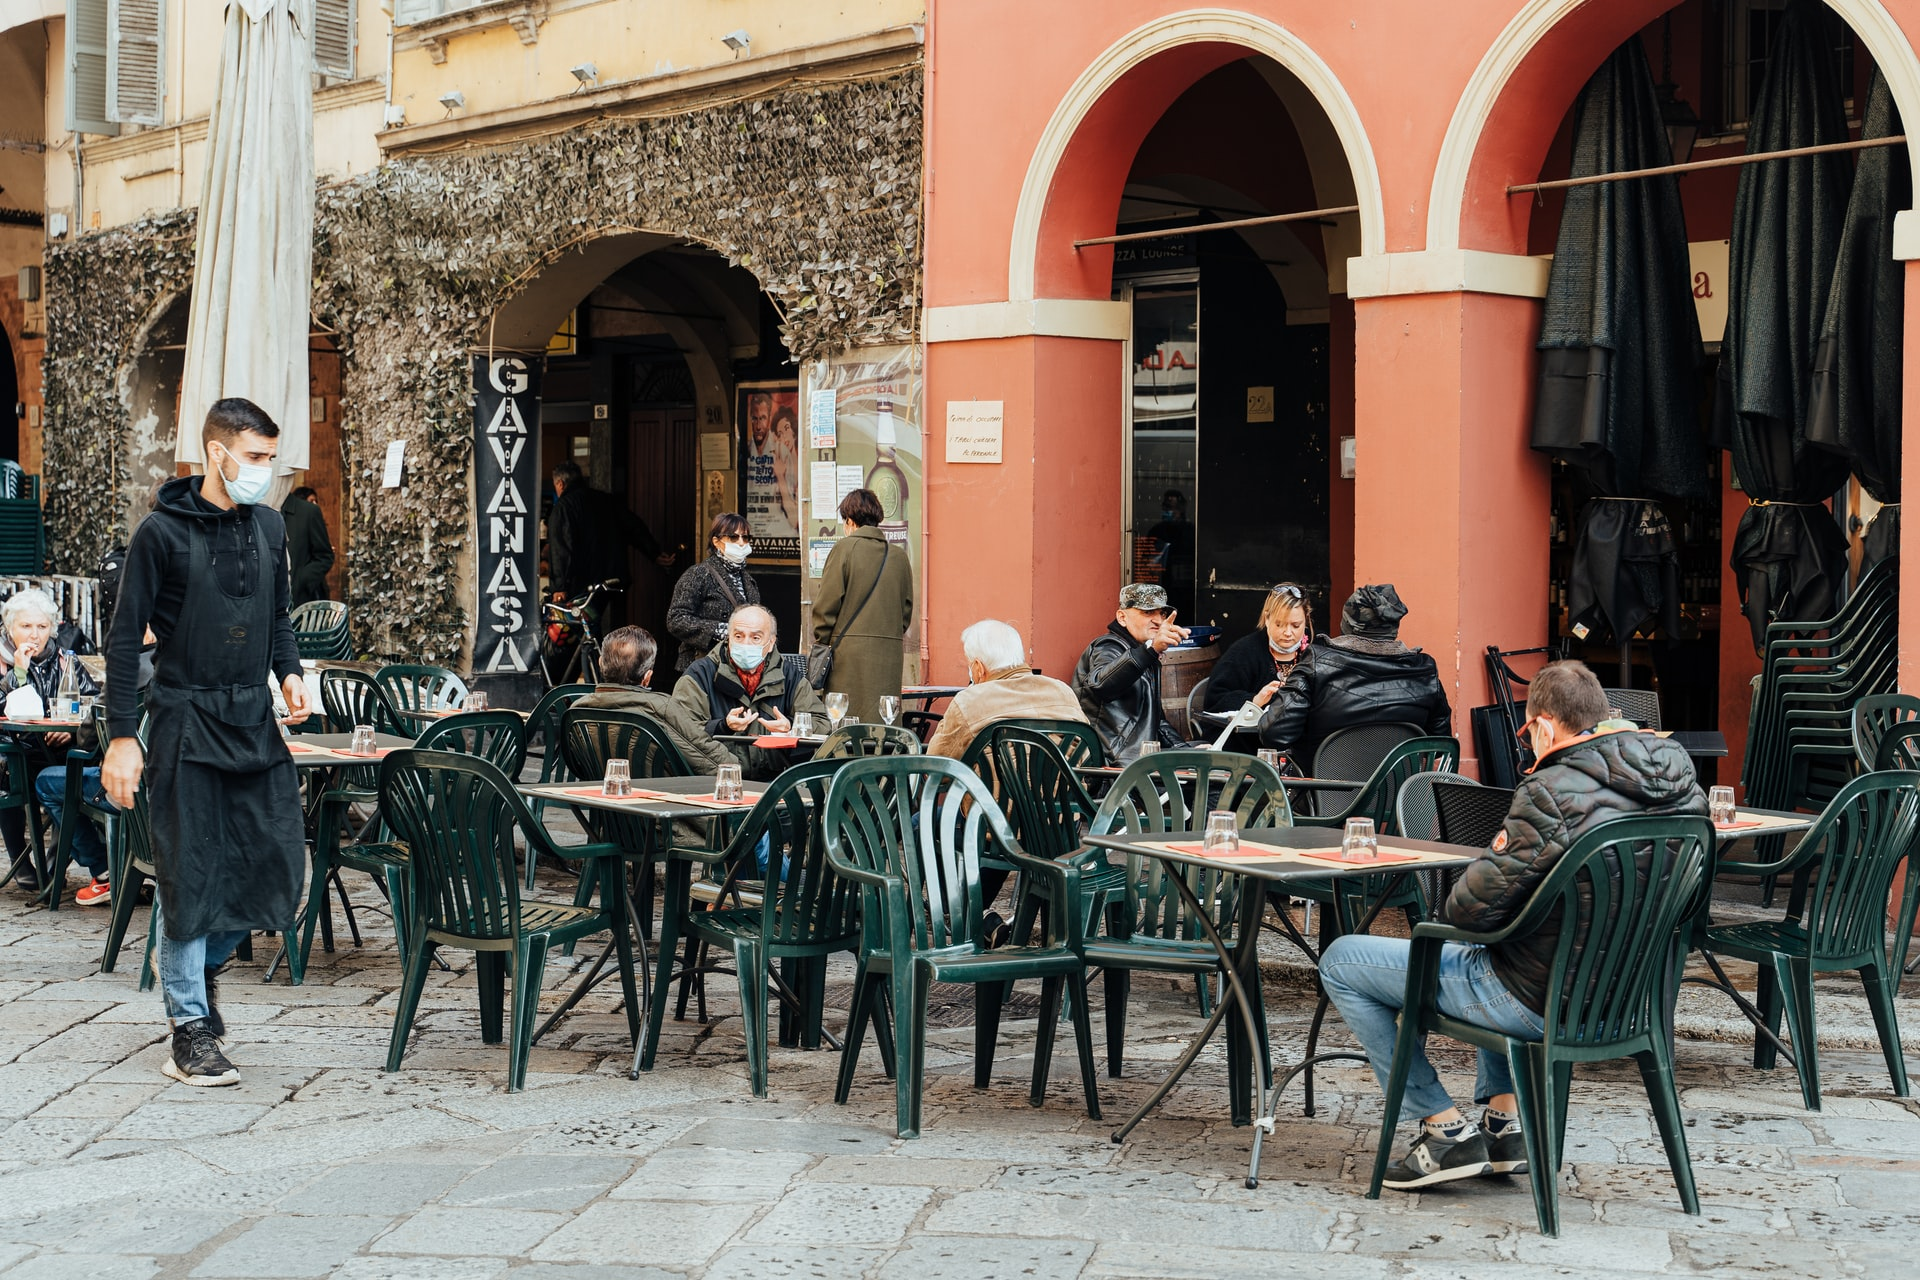 Włochy: Stopniowe wygaszanie godziny policyjnej wczerwcu